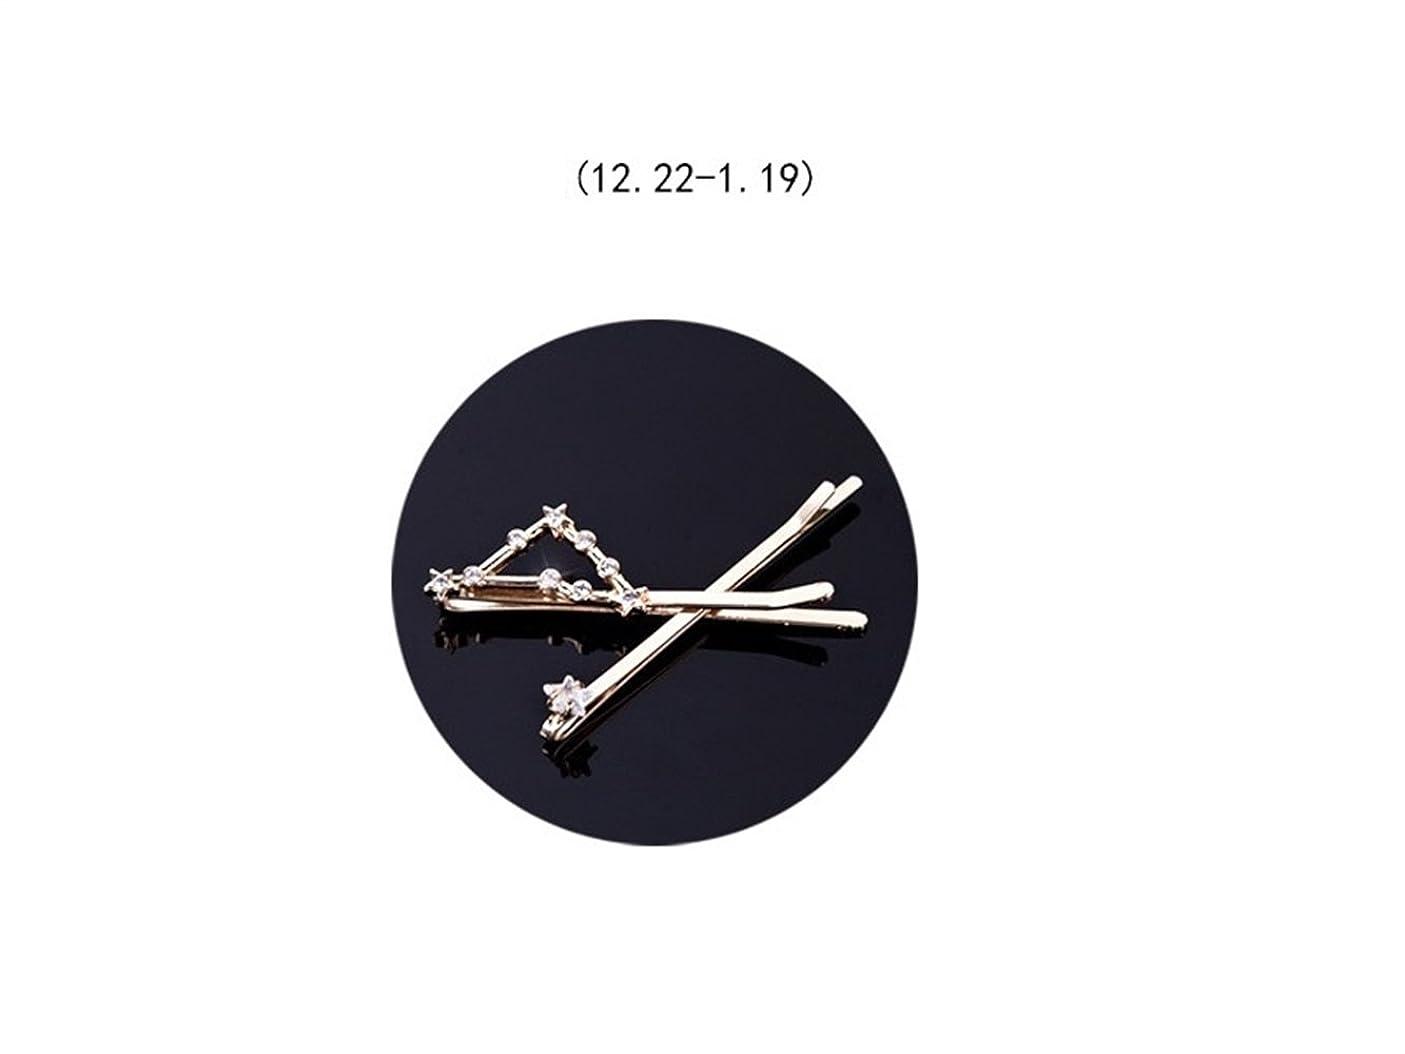 大きい保存落花生Osize 美しいスタイル 12コンステレーションダイヤモンドジュエリーサイドクリップヘアピンヘアクリップセット(塩尻)